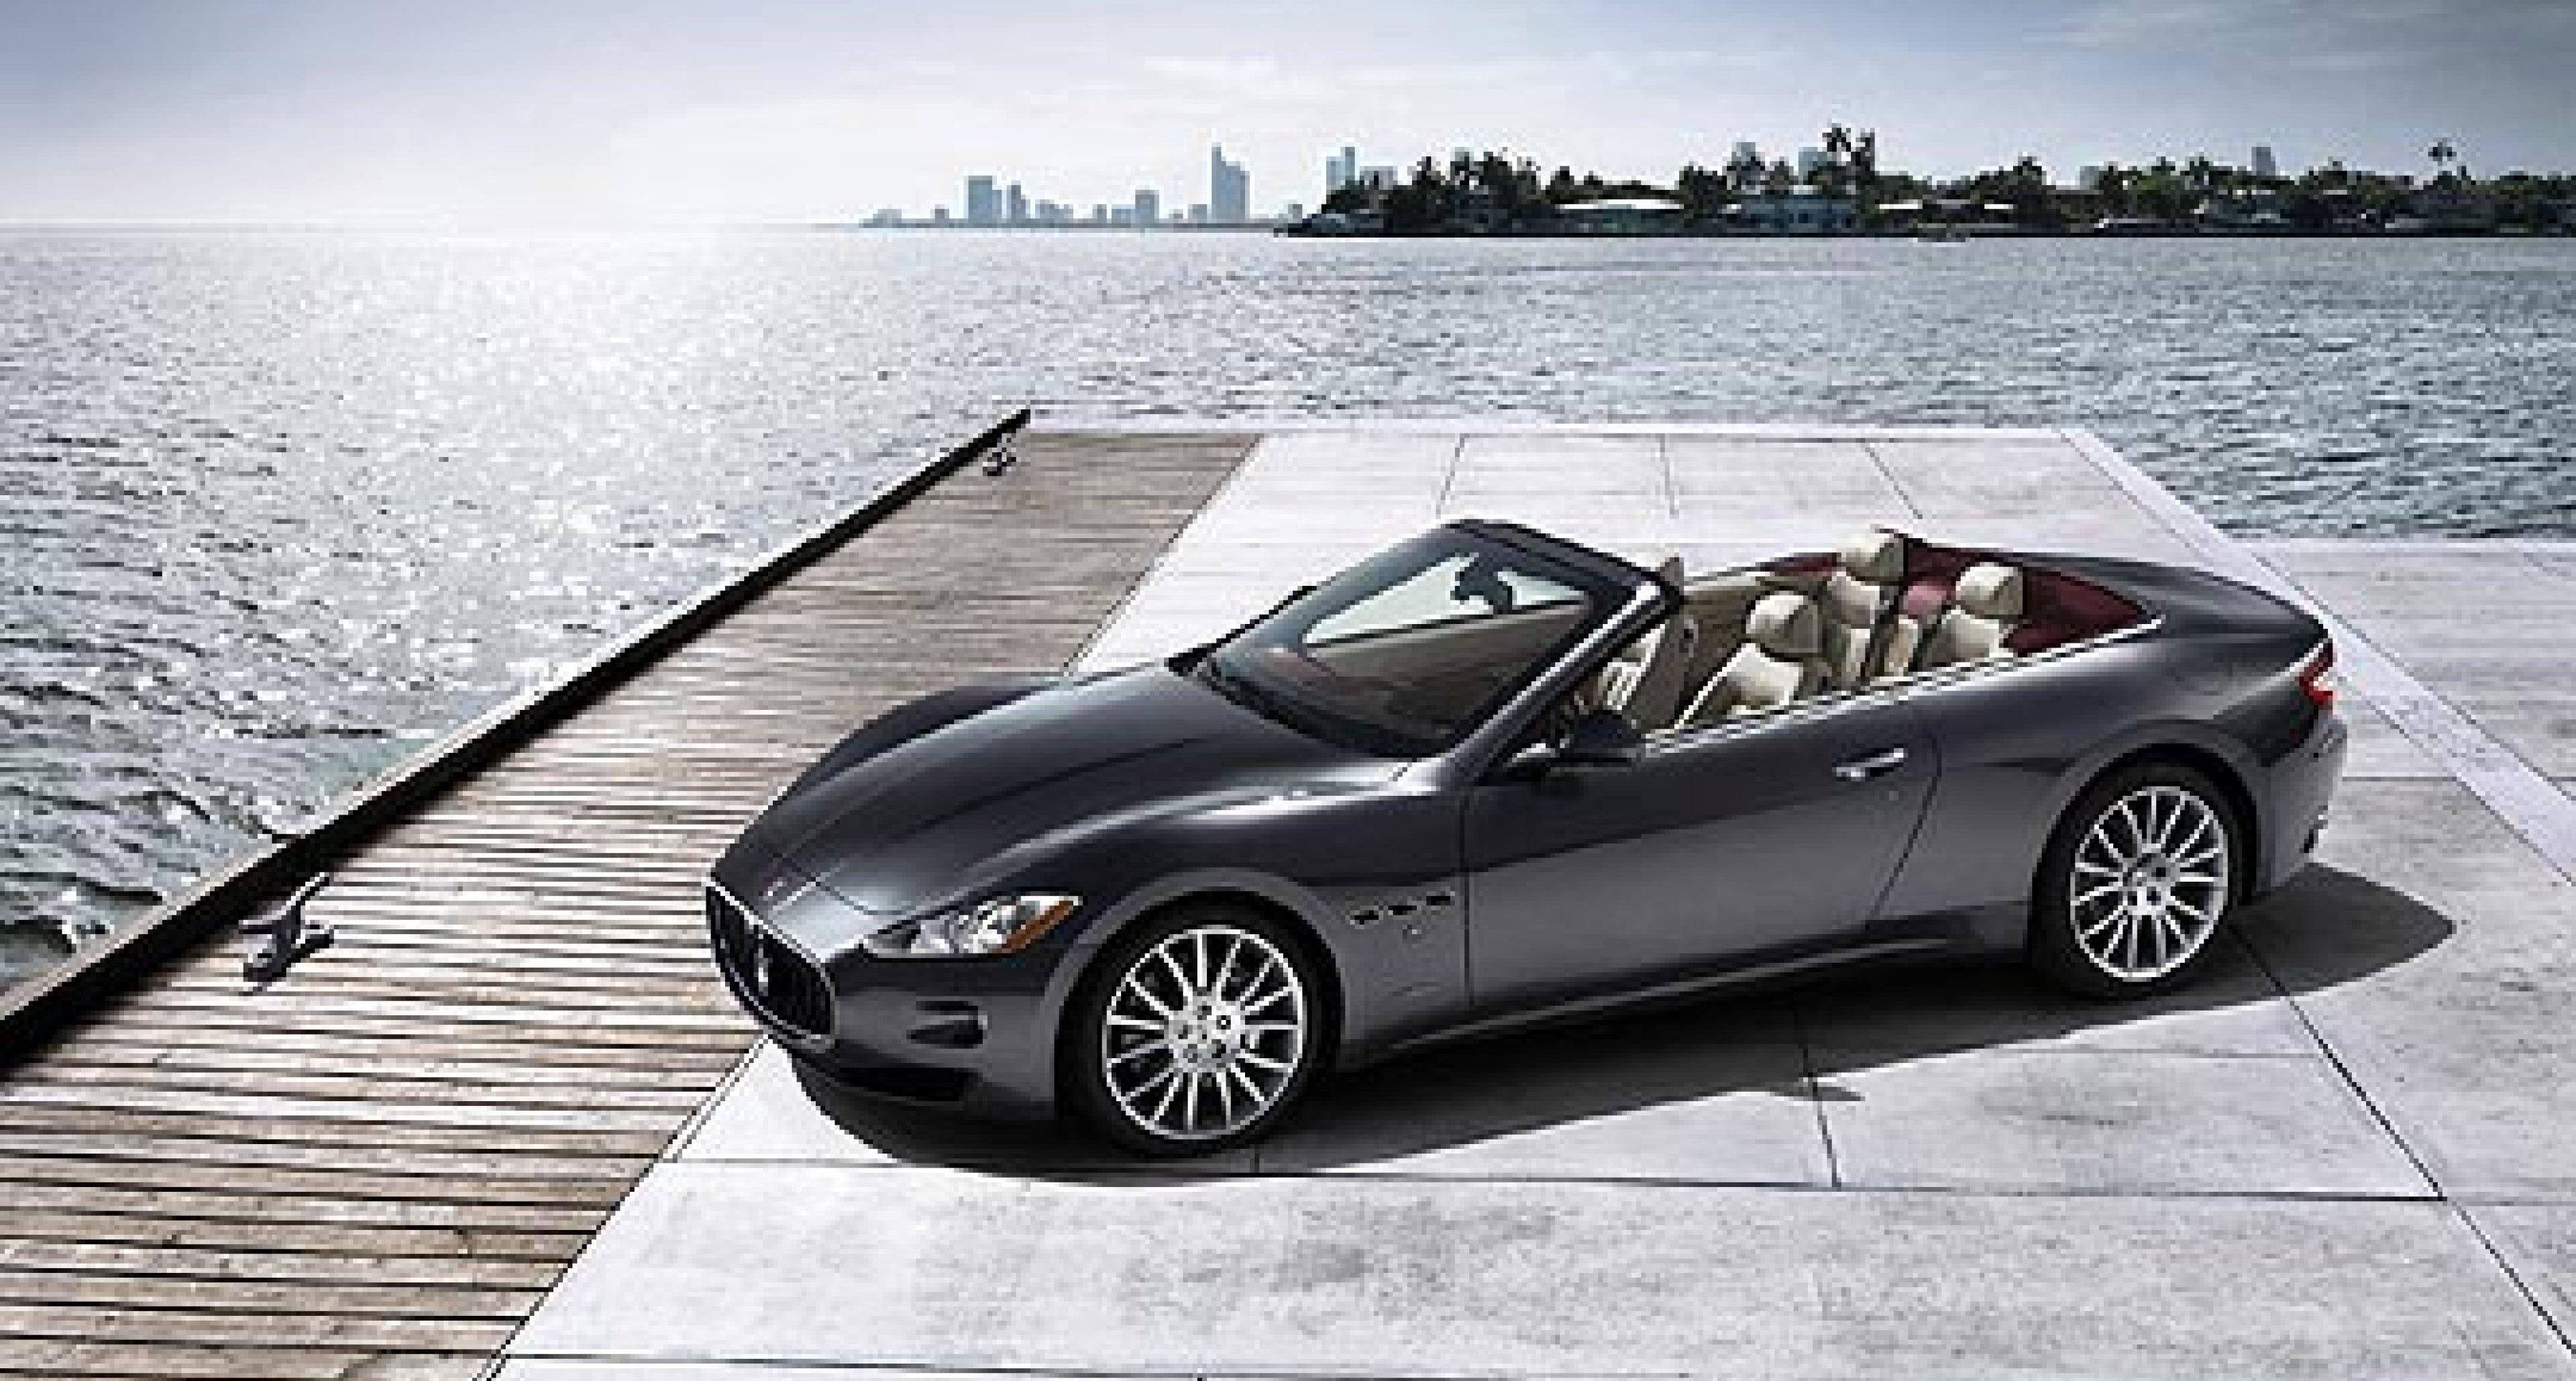 Maserati GranCabrio: UK Prices Announced